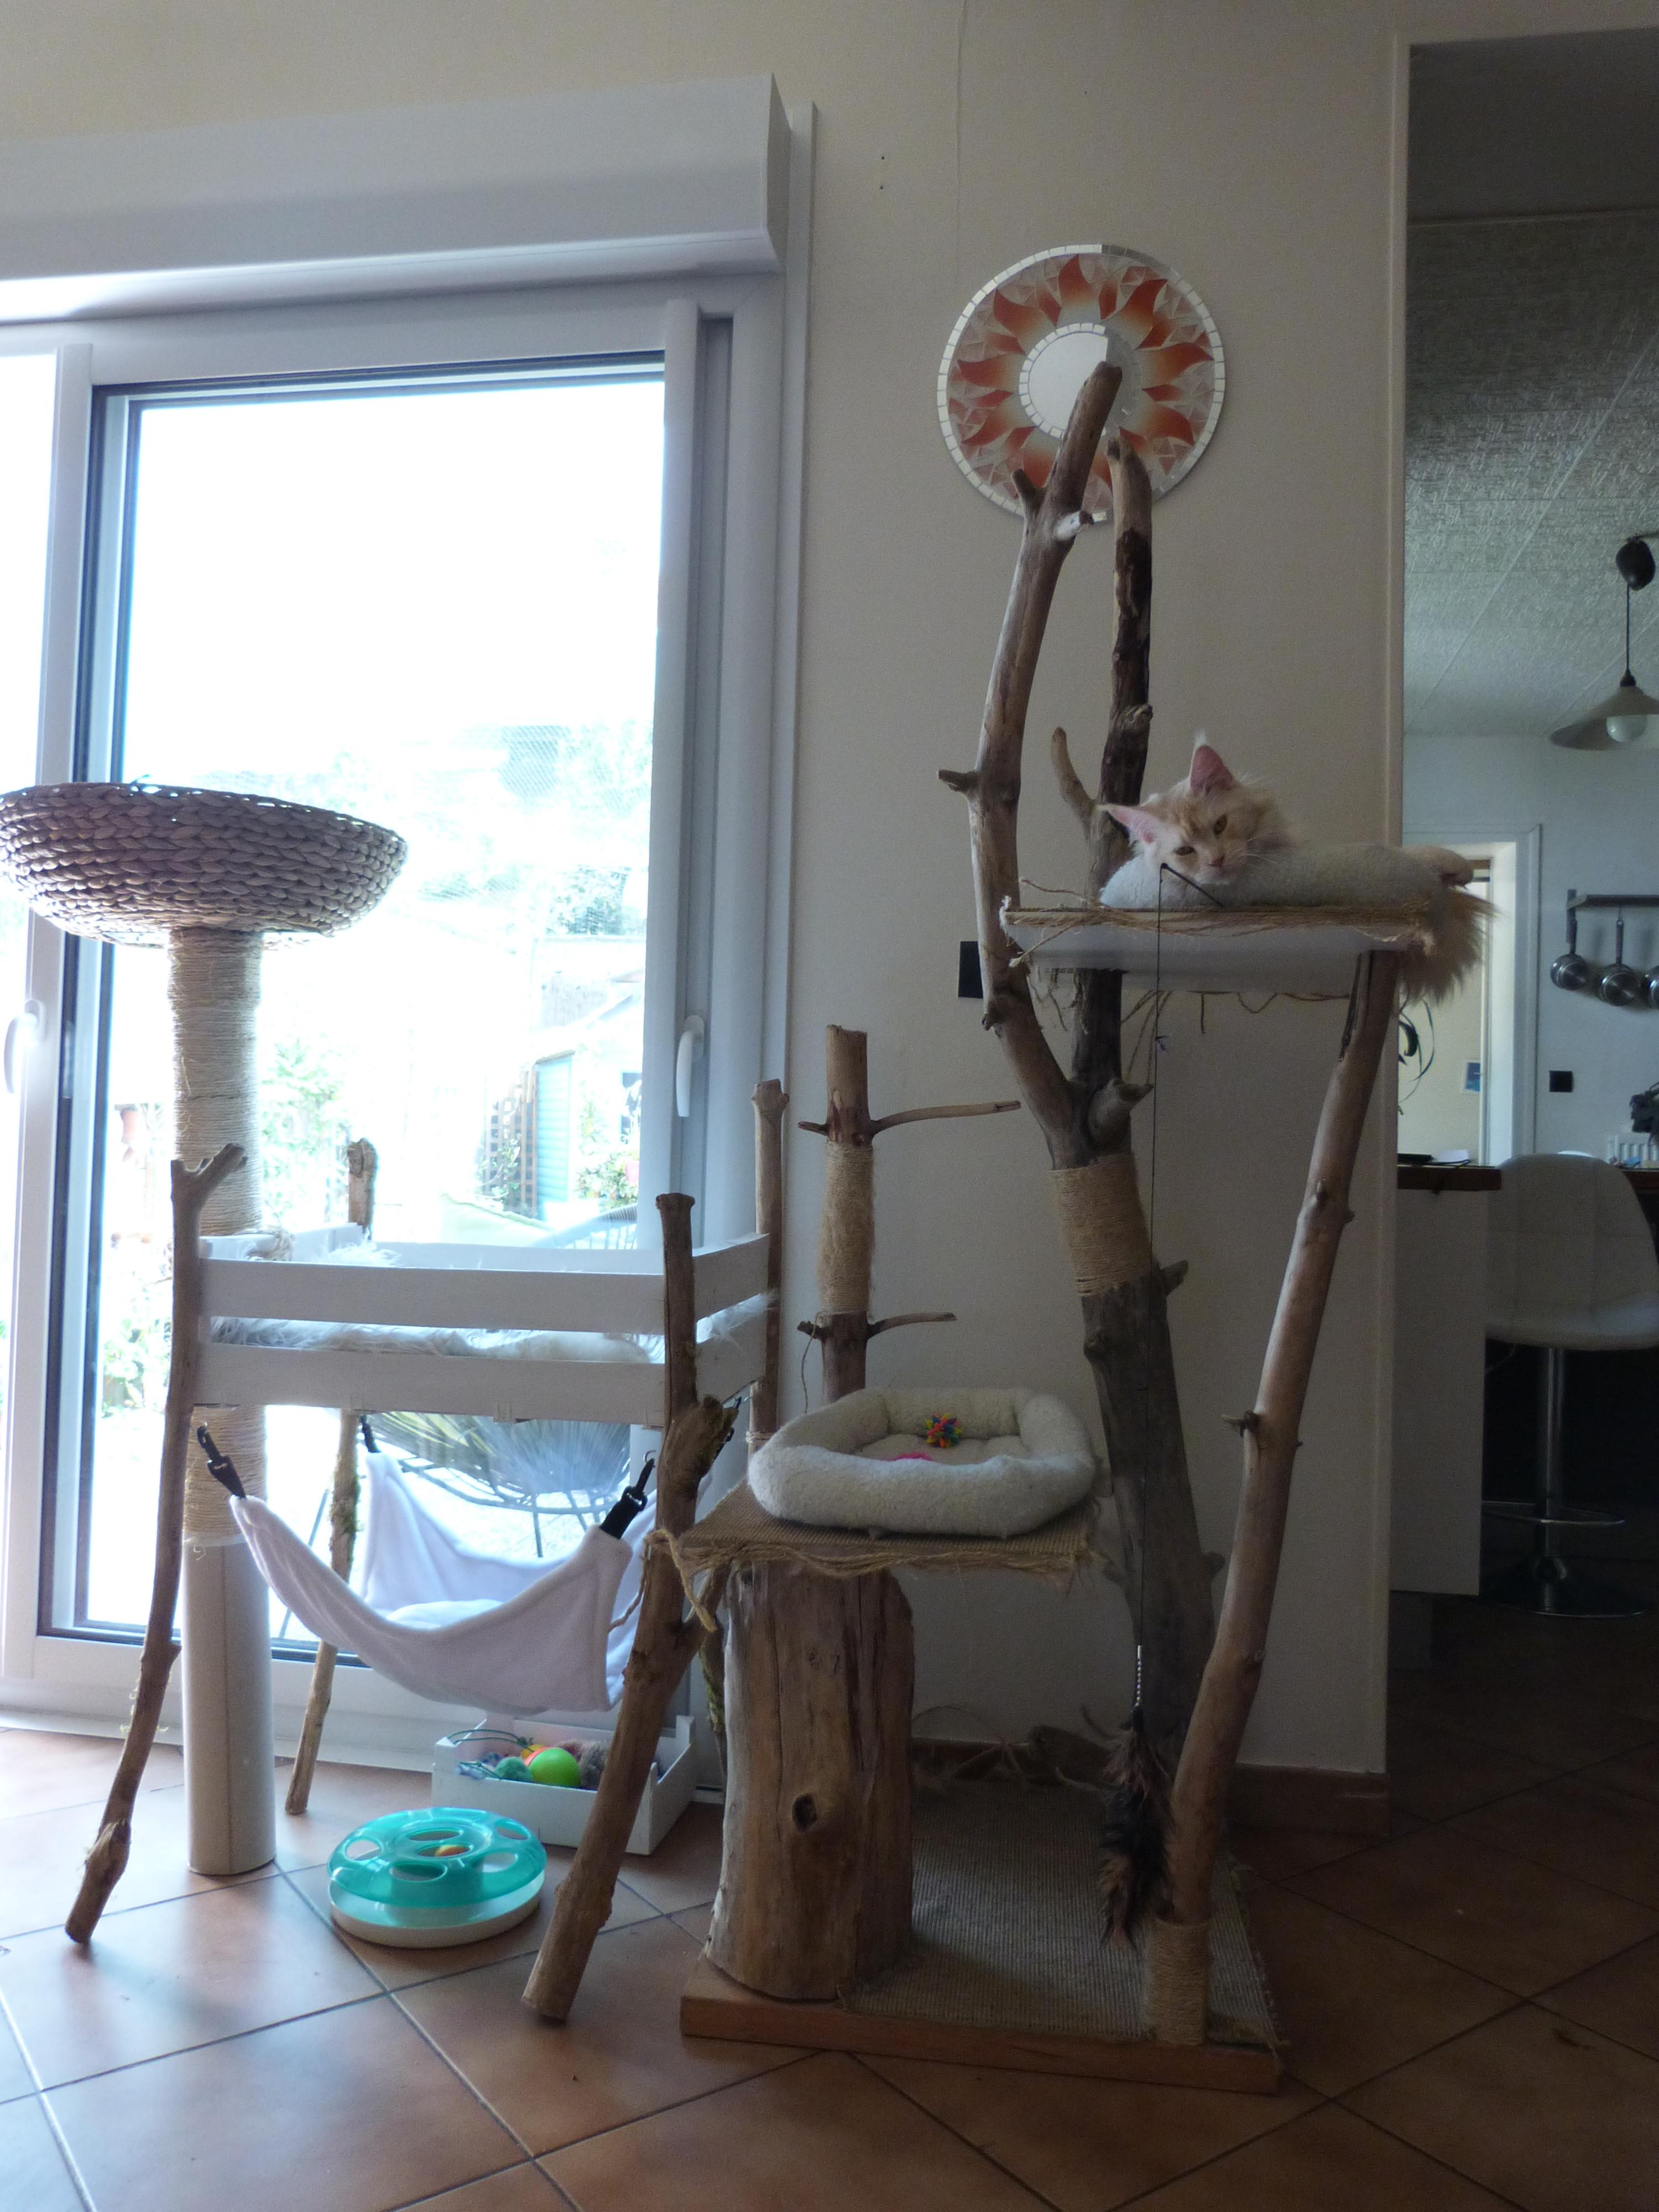 arbre chat fait maison arbre chat fait main sur le mur. Black Bedroom Furniture Sets. Home Design Ideas